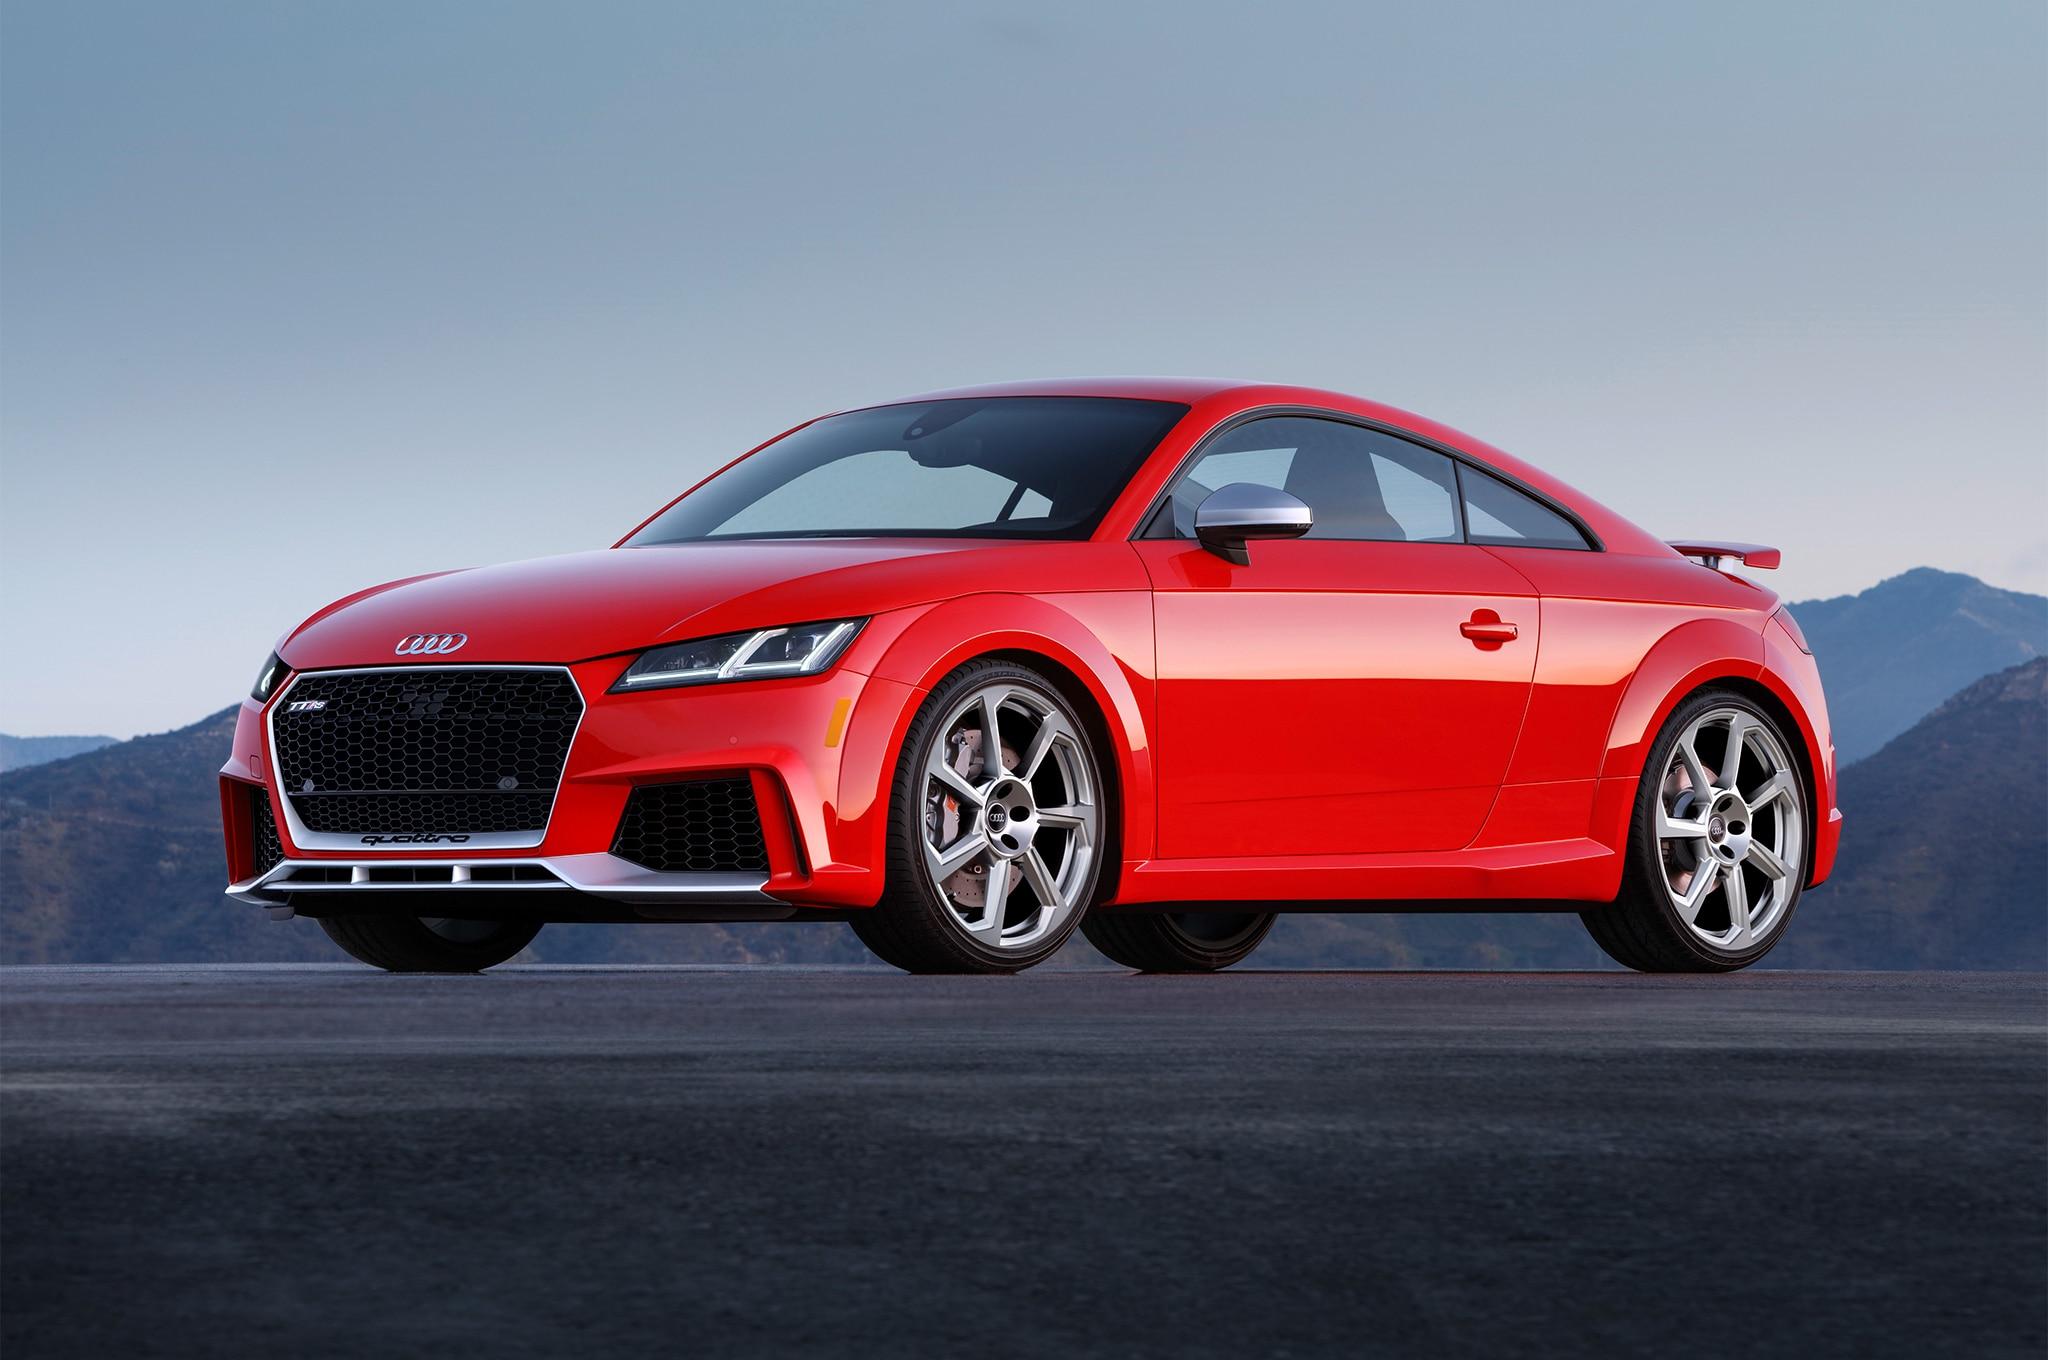 Image for Audi Tt Rs